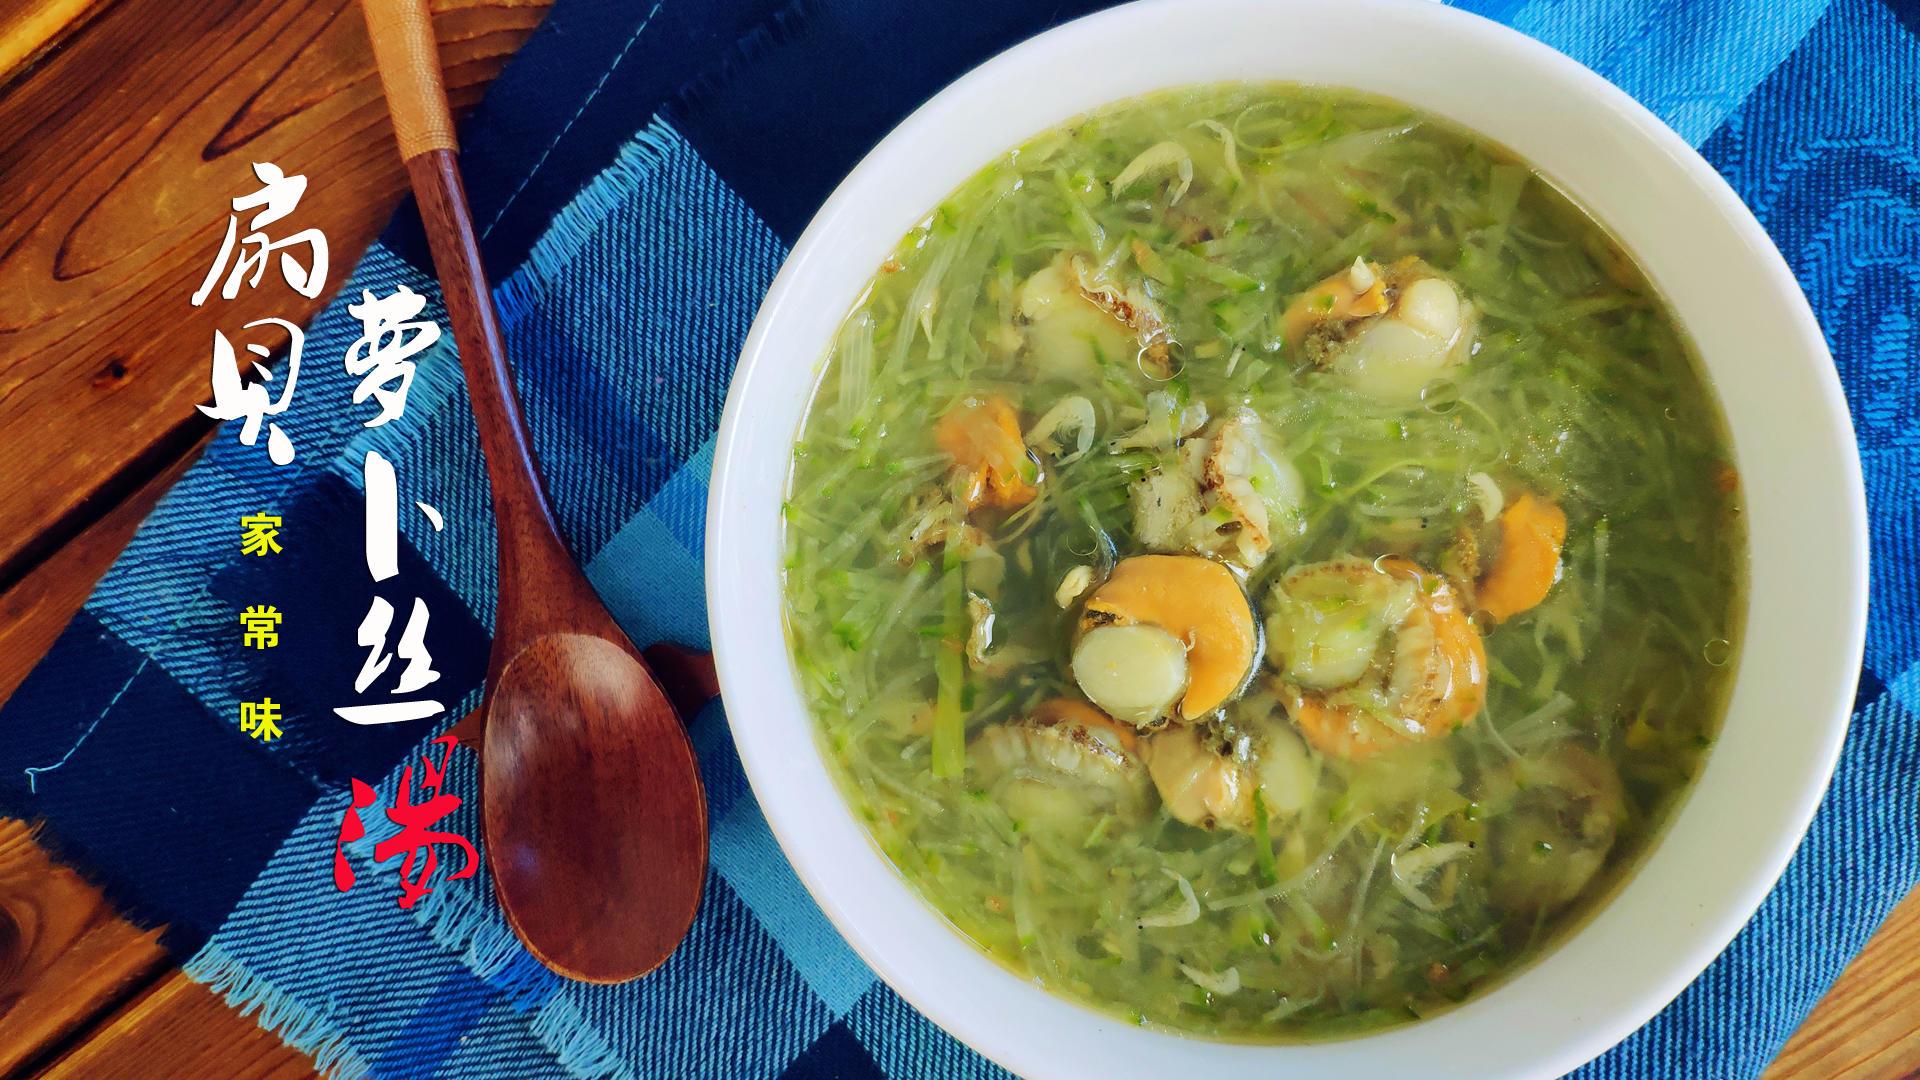 #美食#「食语集」一碗简单易做又鲜美的-扇贝萝卜丝汤